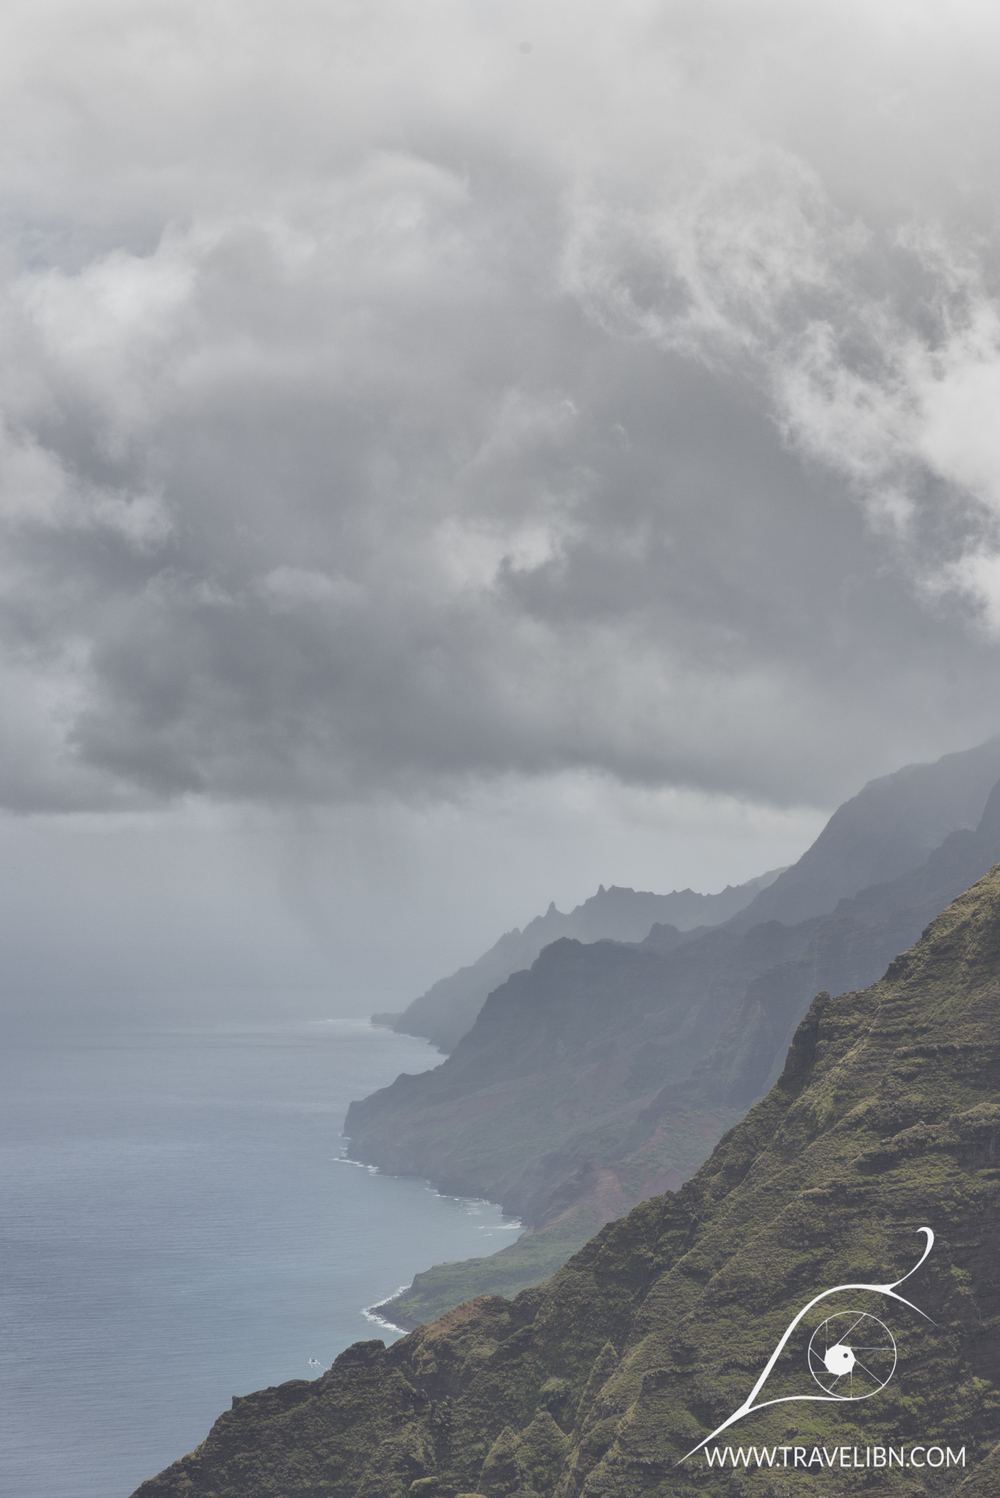 na pali coast from nuaolo valley.jpg